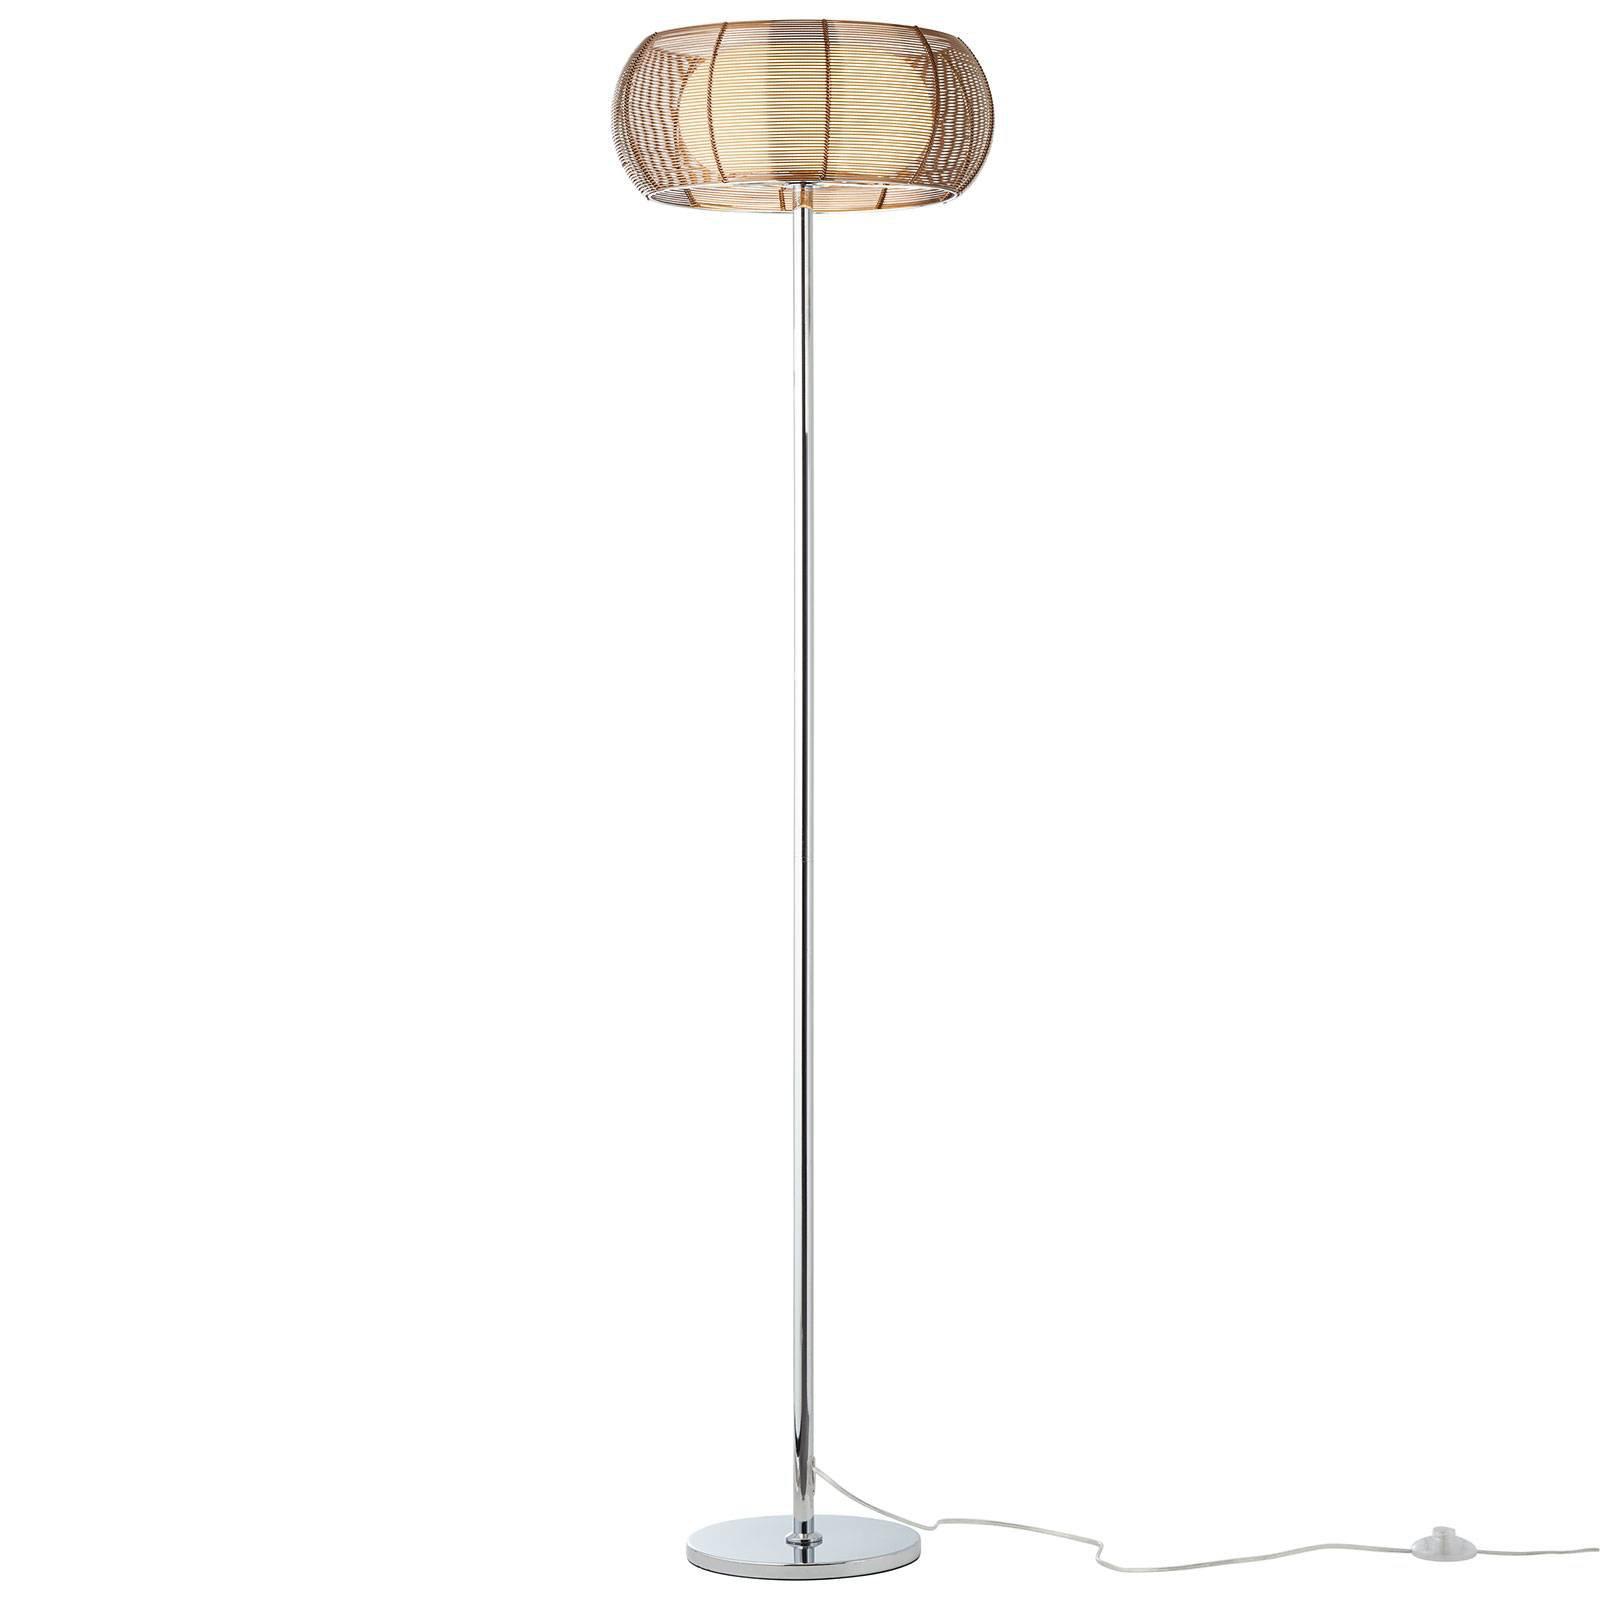 Gulvlampe Relax med edel metallskjerm